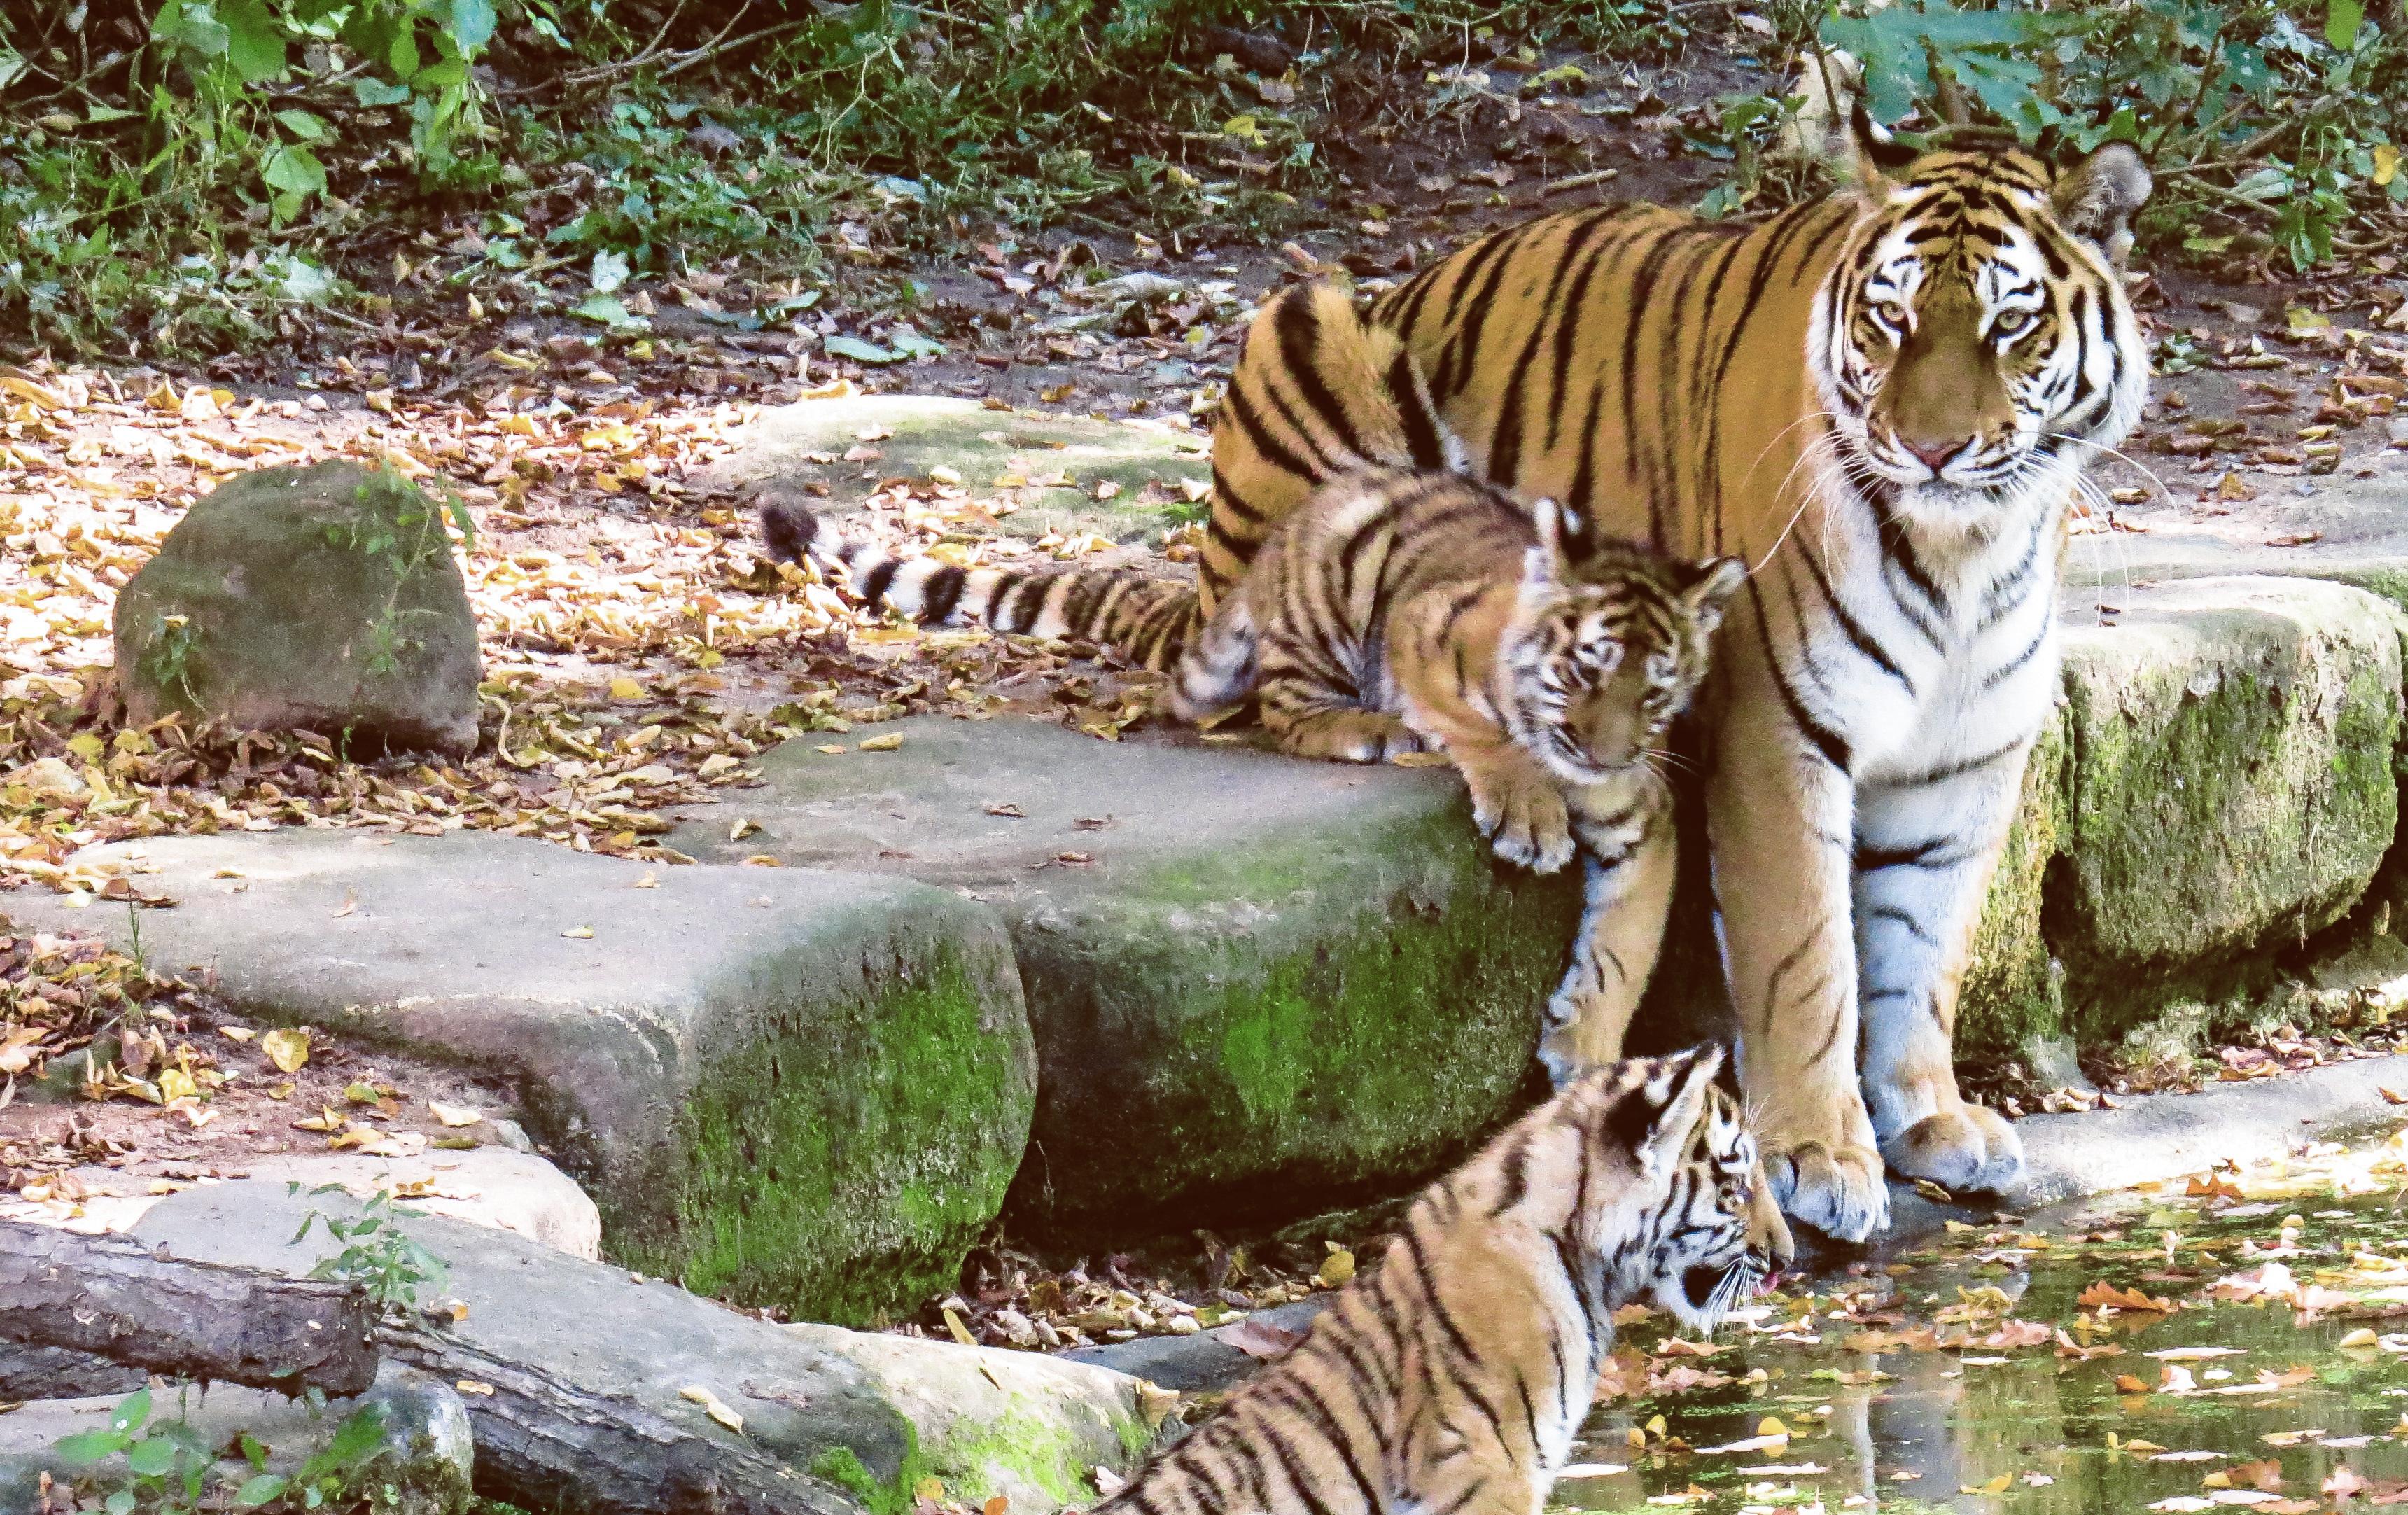 Tigress and Cubs